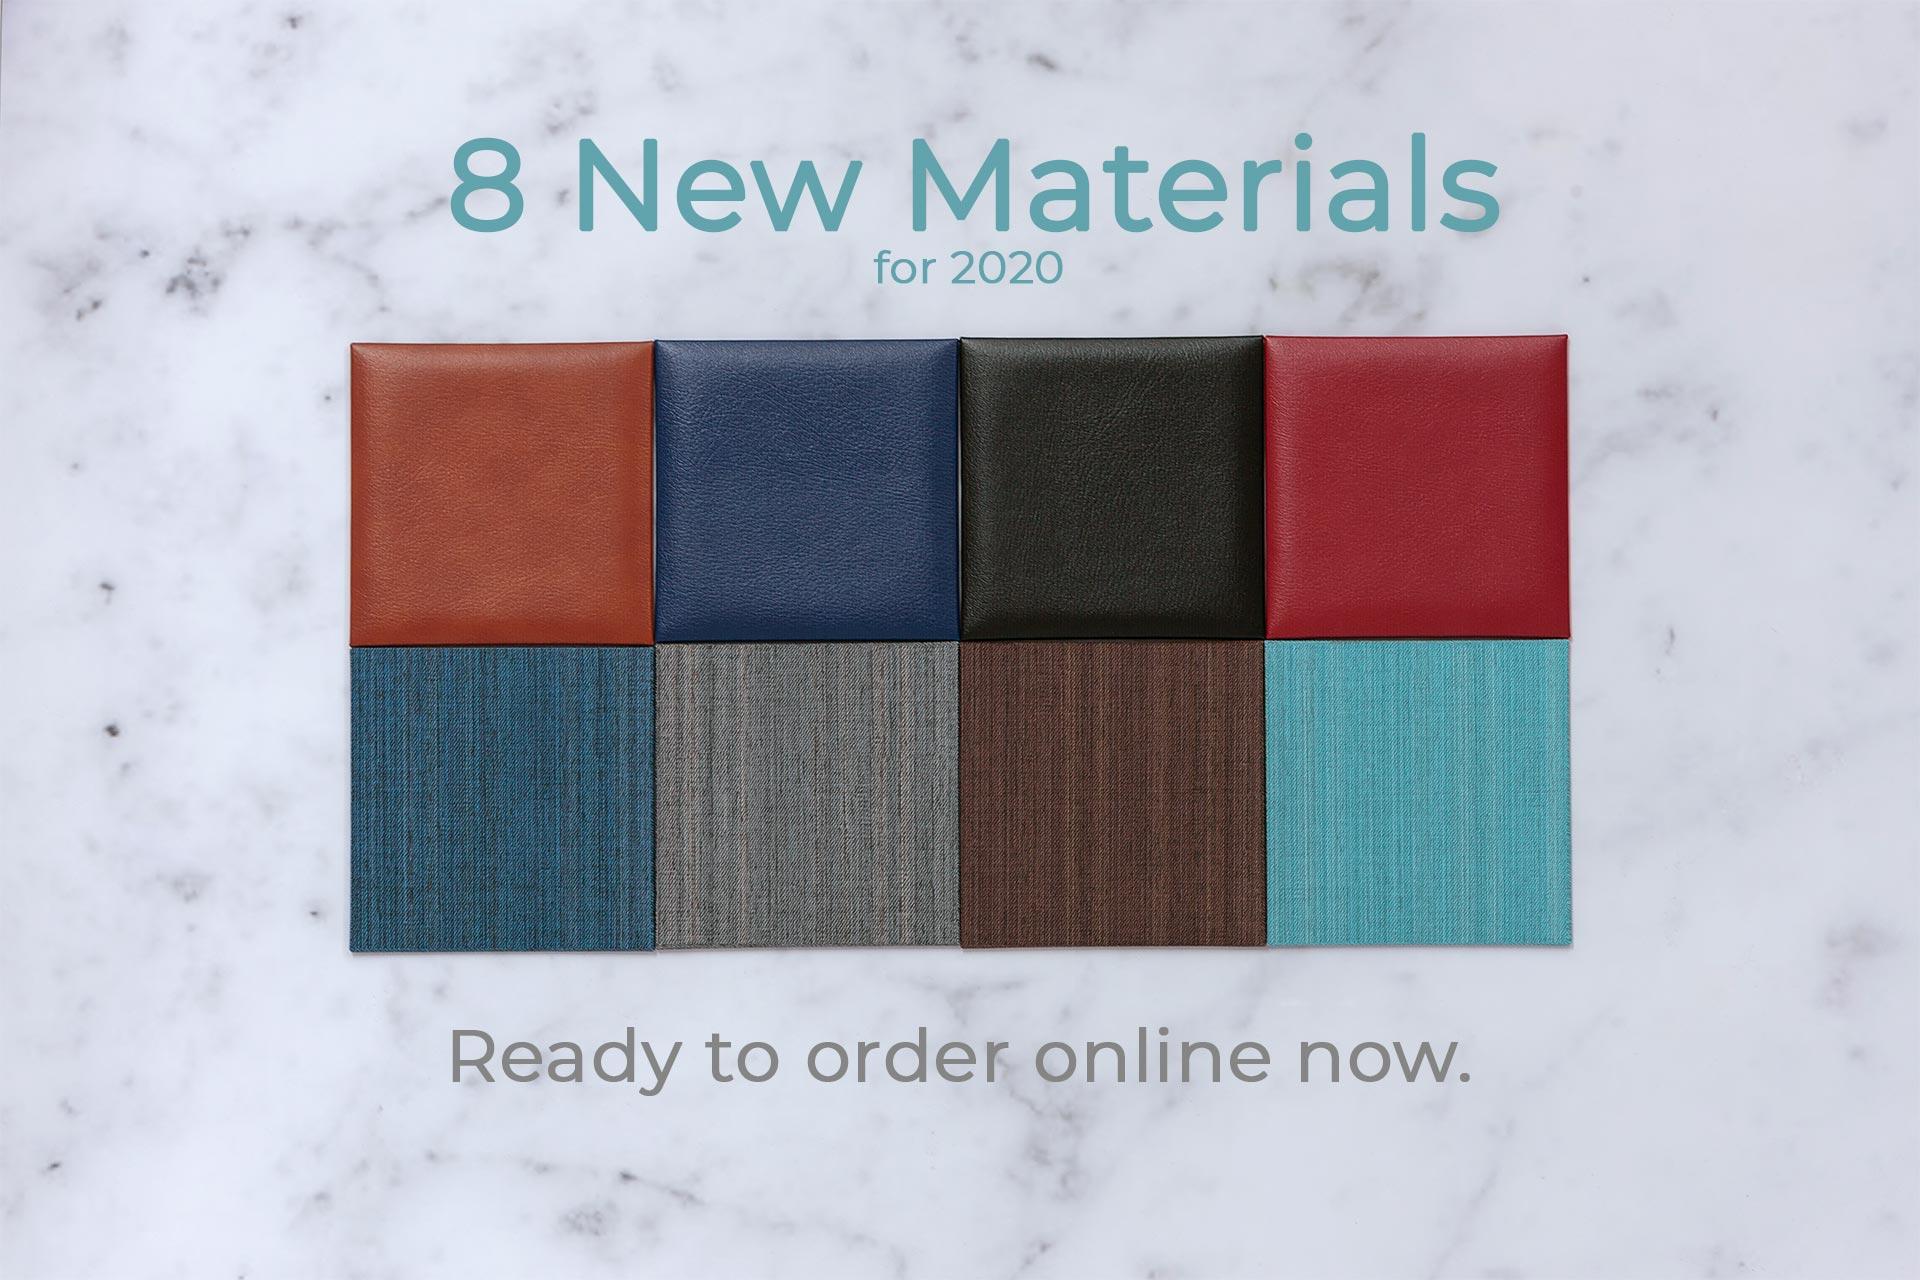 New Materials 2020